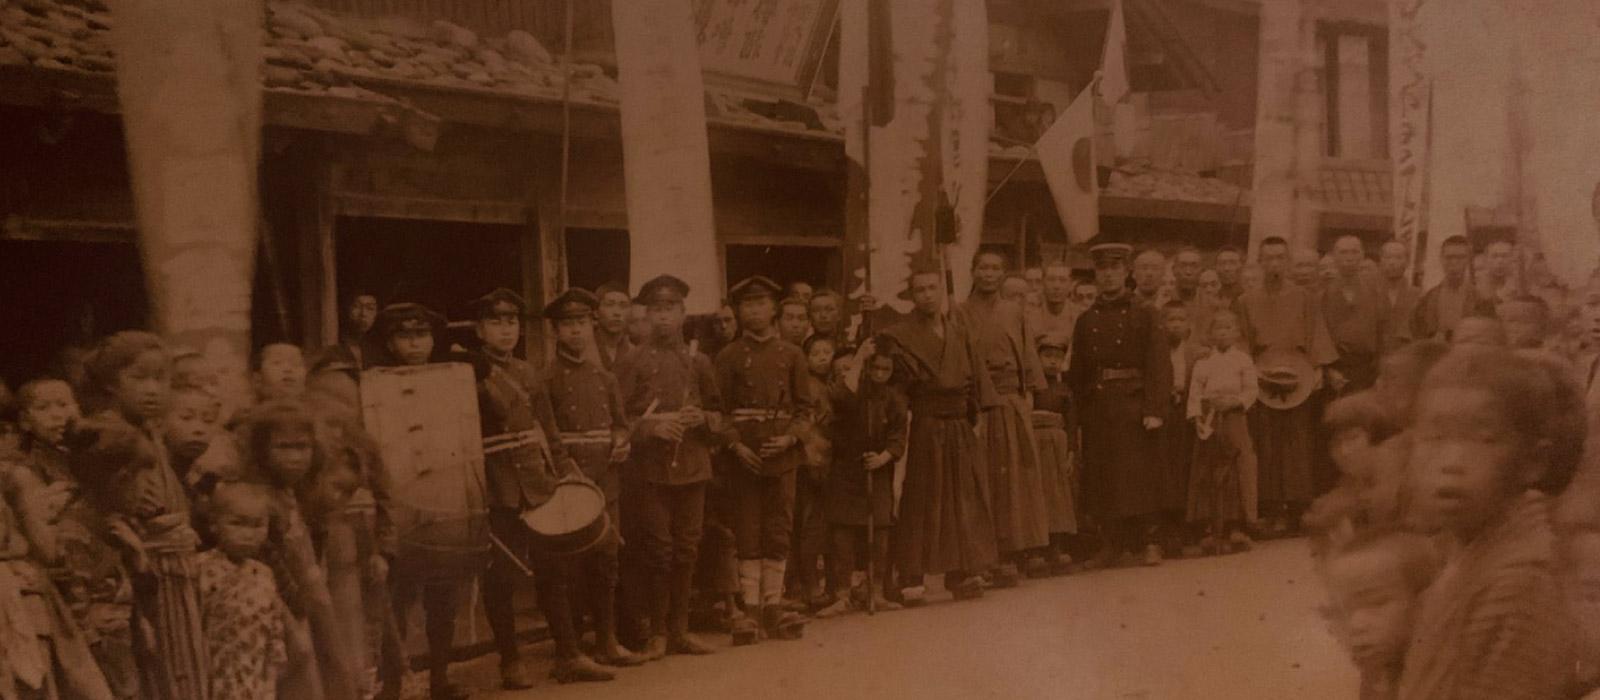 明治27年日清戦争時の店舗前での写真